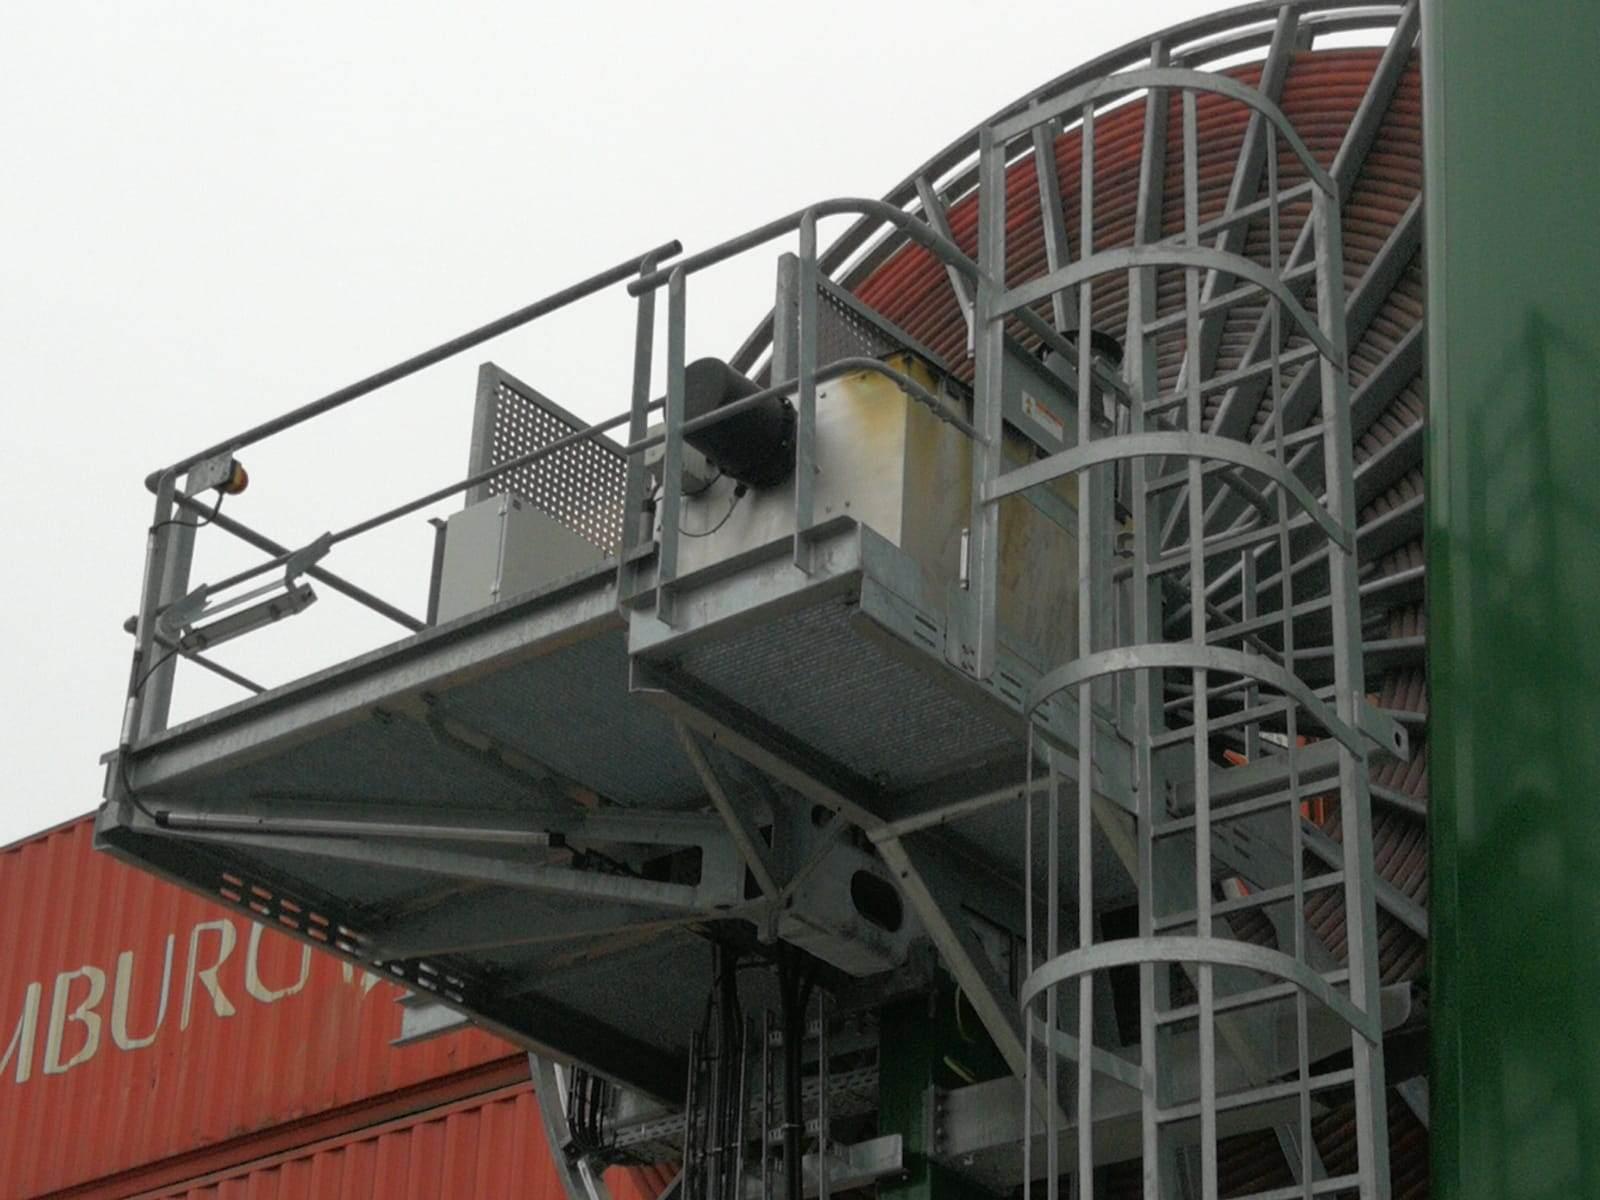 20200102-E-1-10kV-Kabel-Portal-Kran-beschädigt